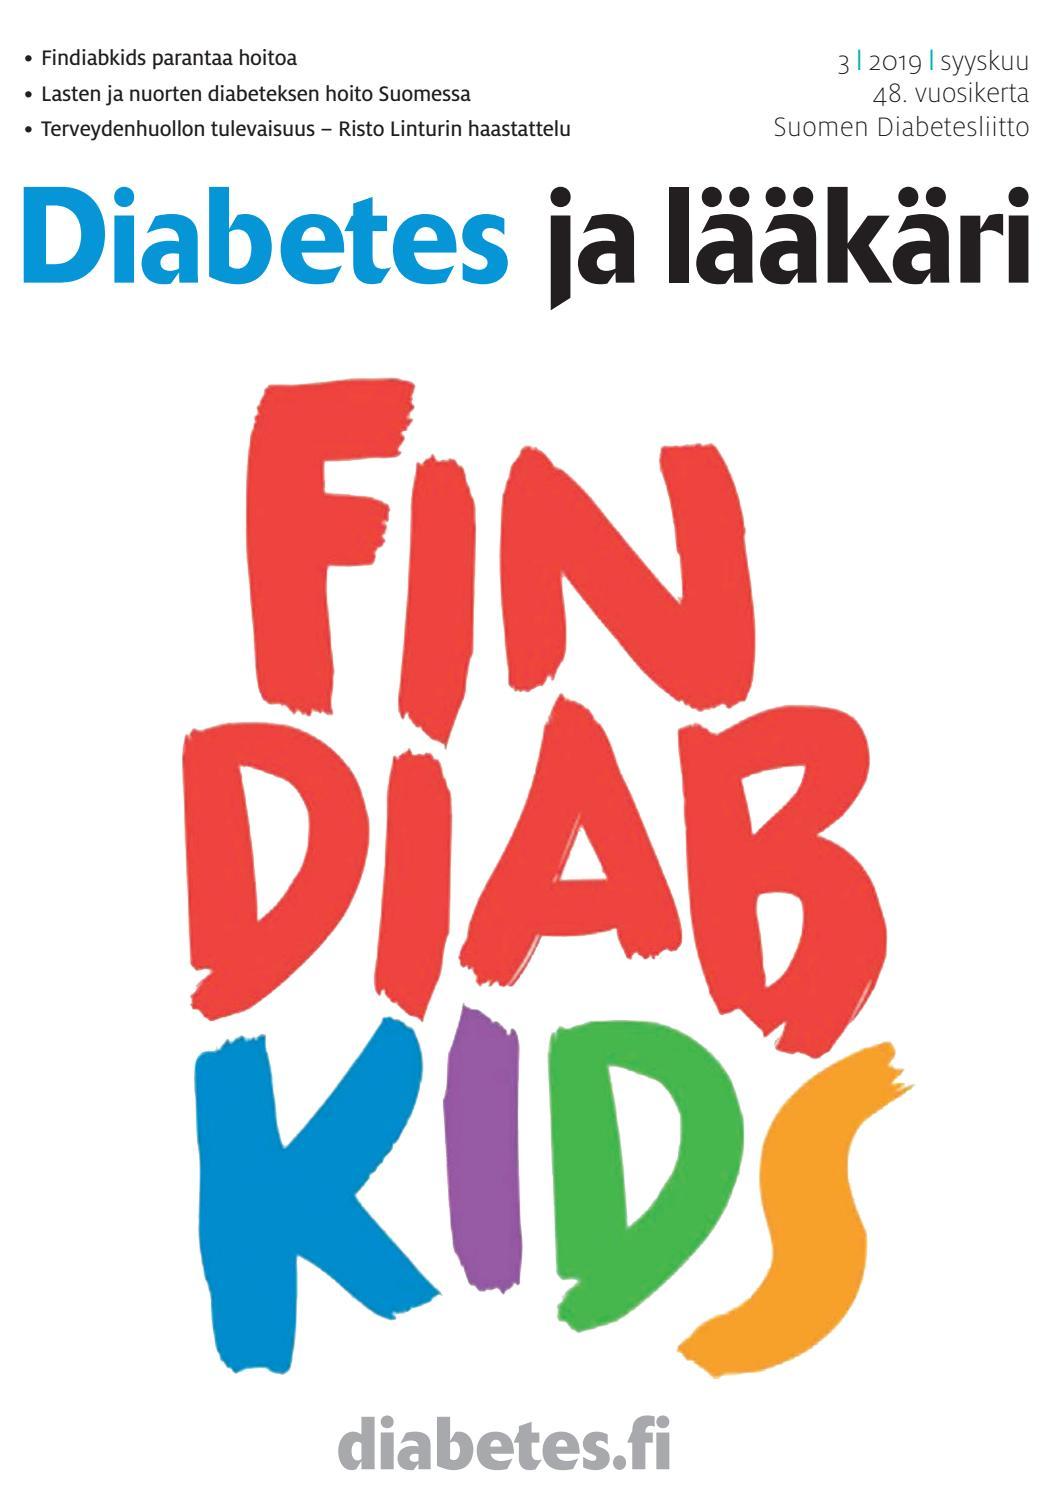 diabetesliiton kauppa